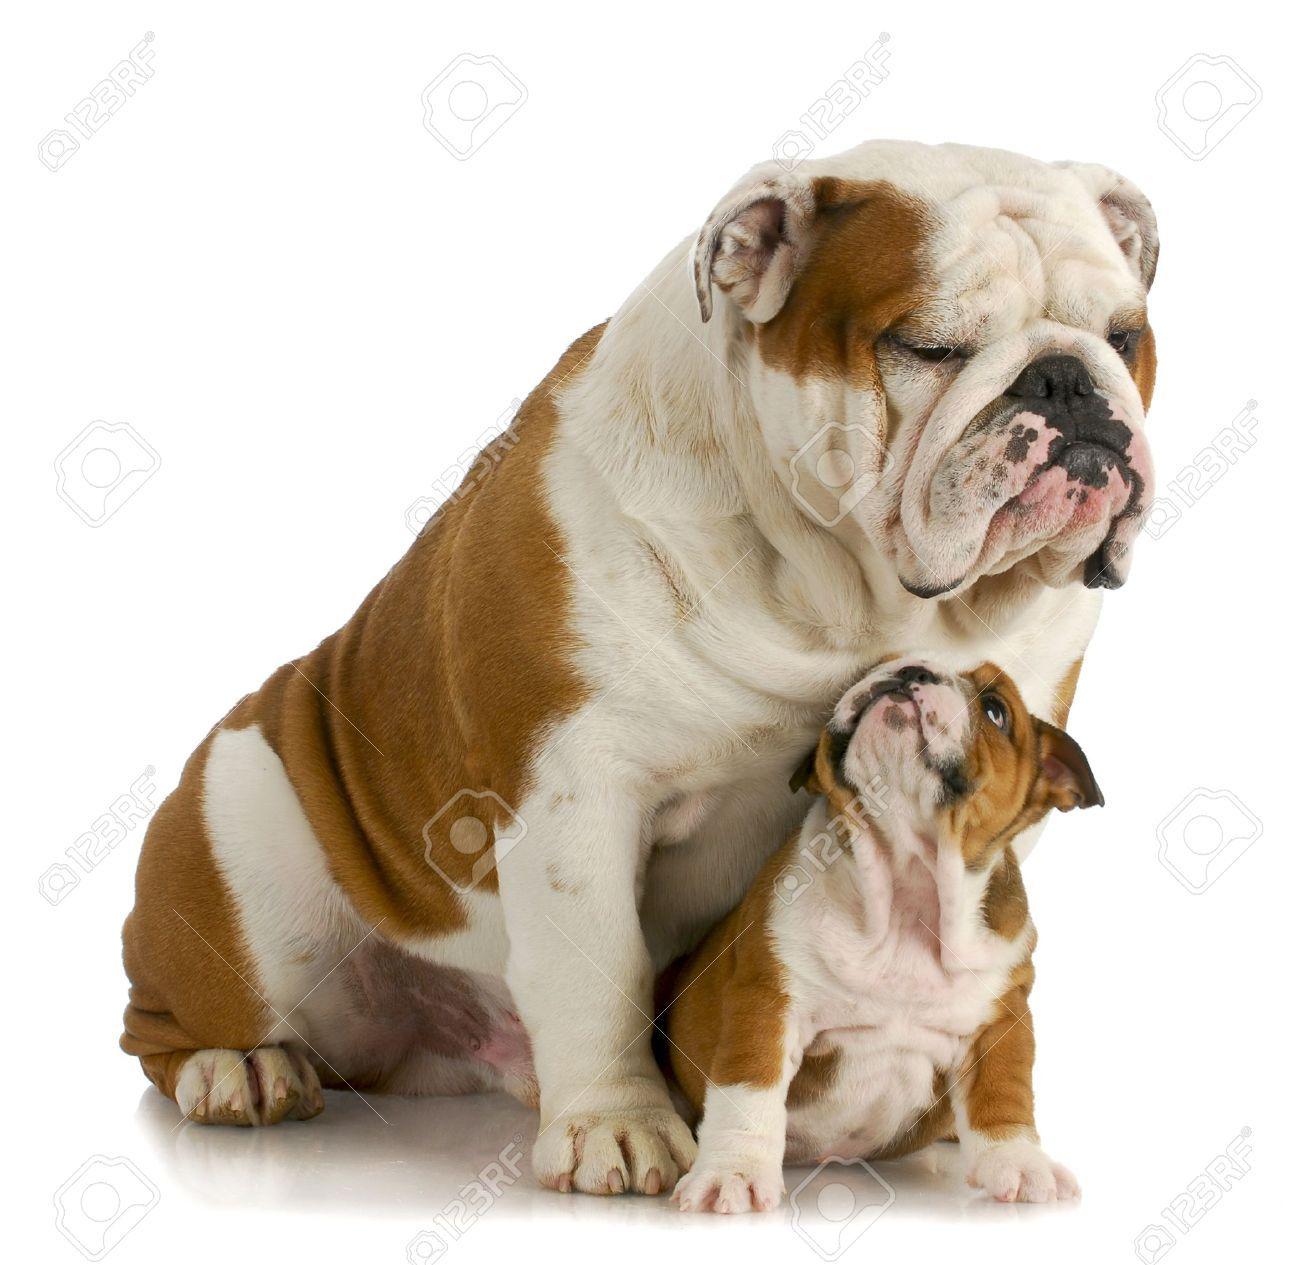 Stock Photo Bulldog Breeds Bulldog Puppies British Bulldog